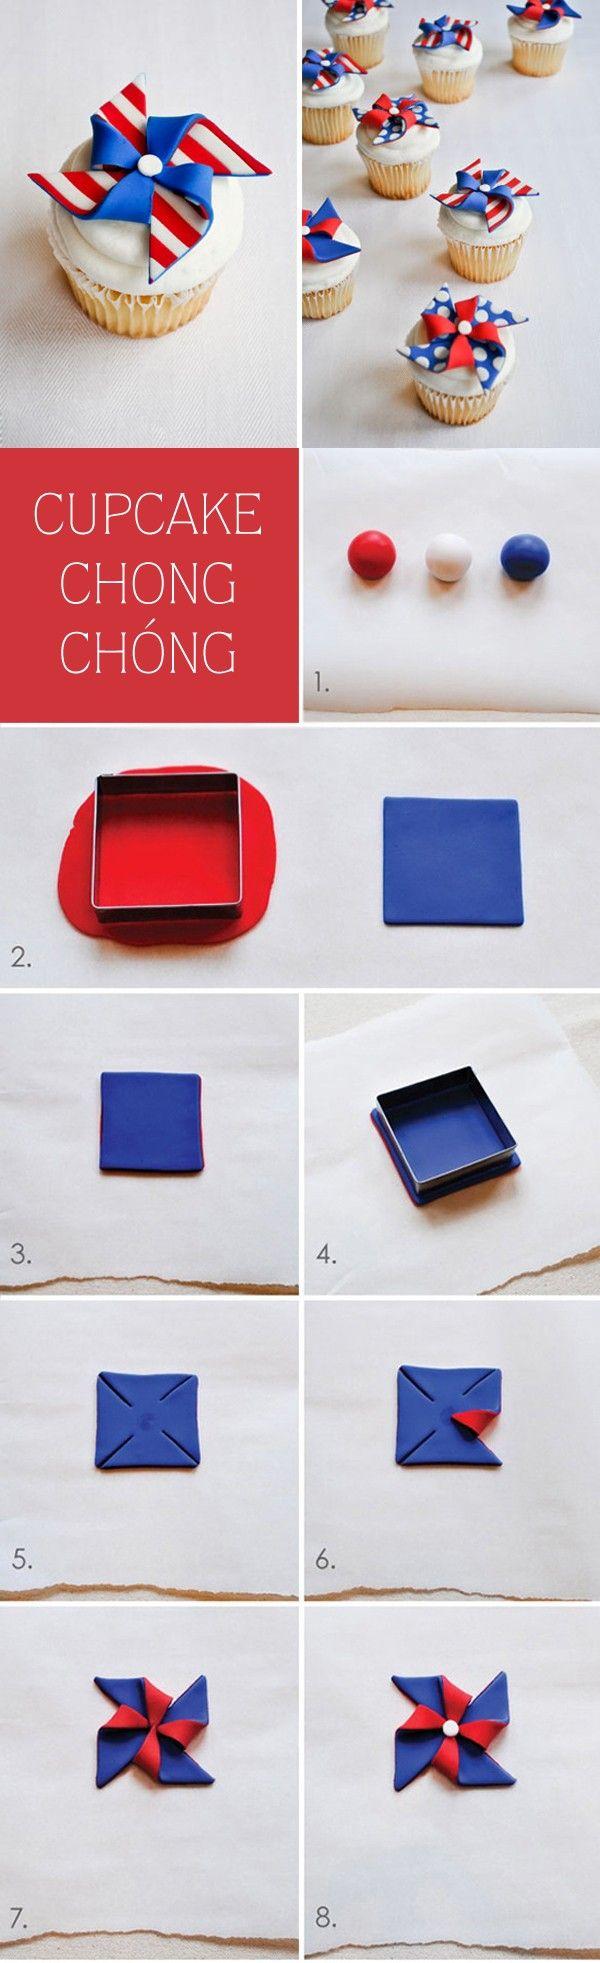 Những cách trang trí cupcake độc đáo từ fondant 2